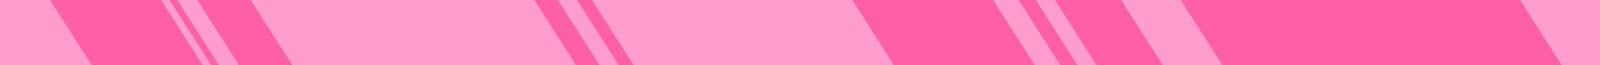 桃红色丝带,乳腺癌了悟的国际标志 免版税库存图片